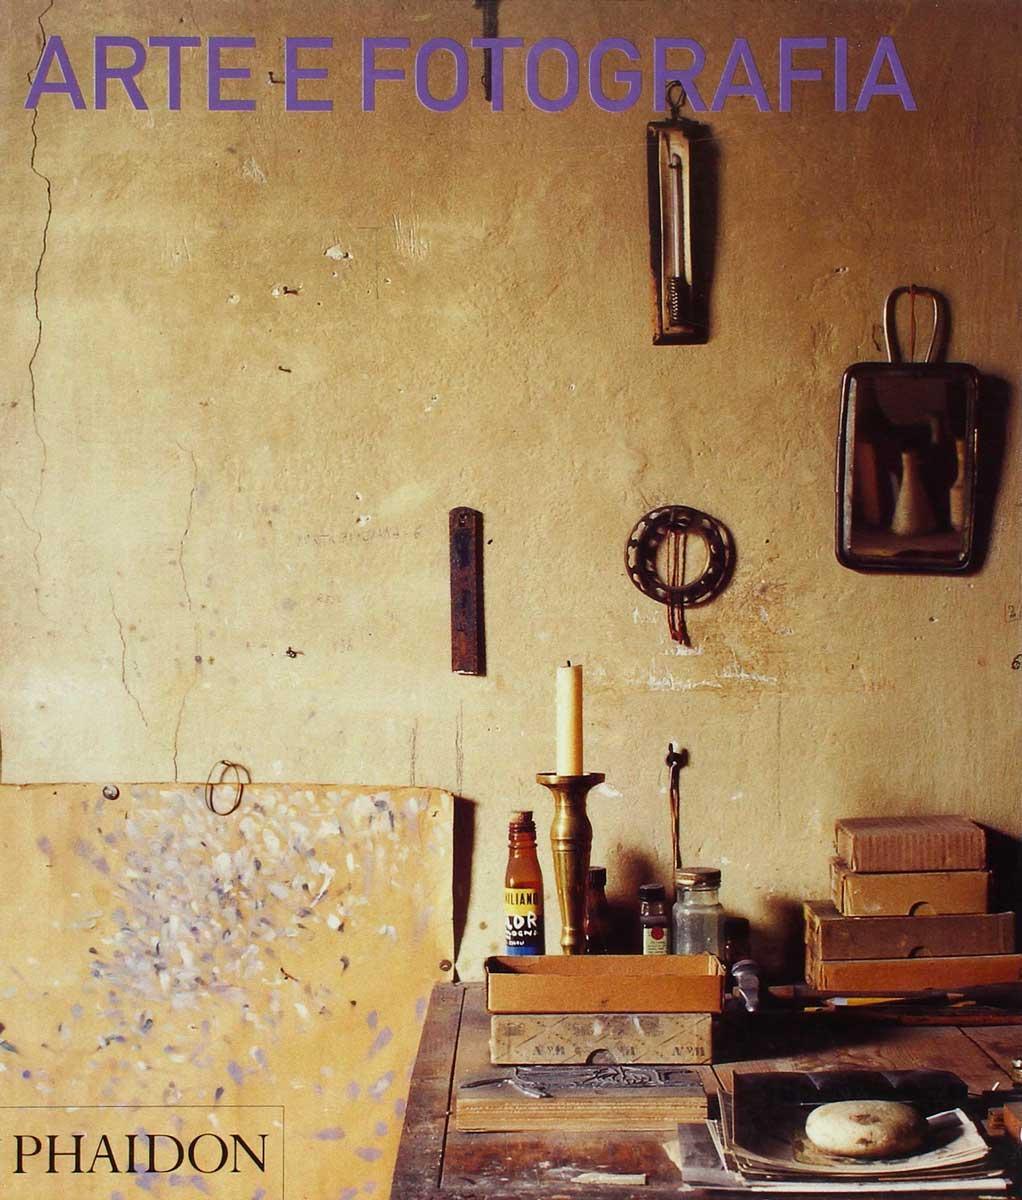 Copertina del libro Arte e Fotografia di David Campany edito dalla Phaidon